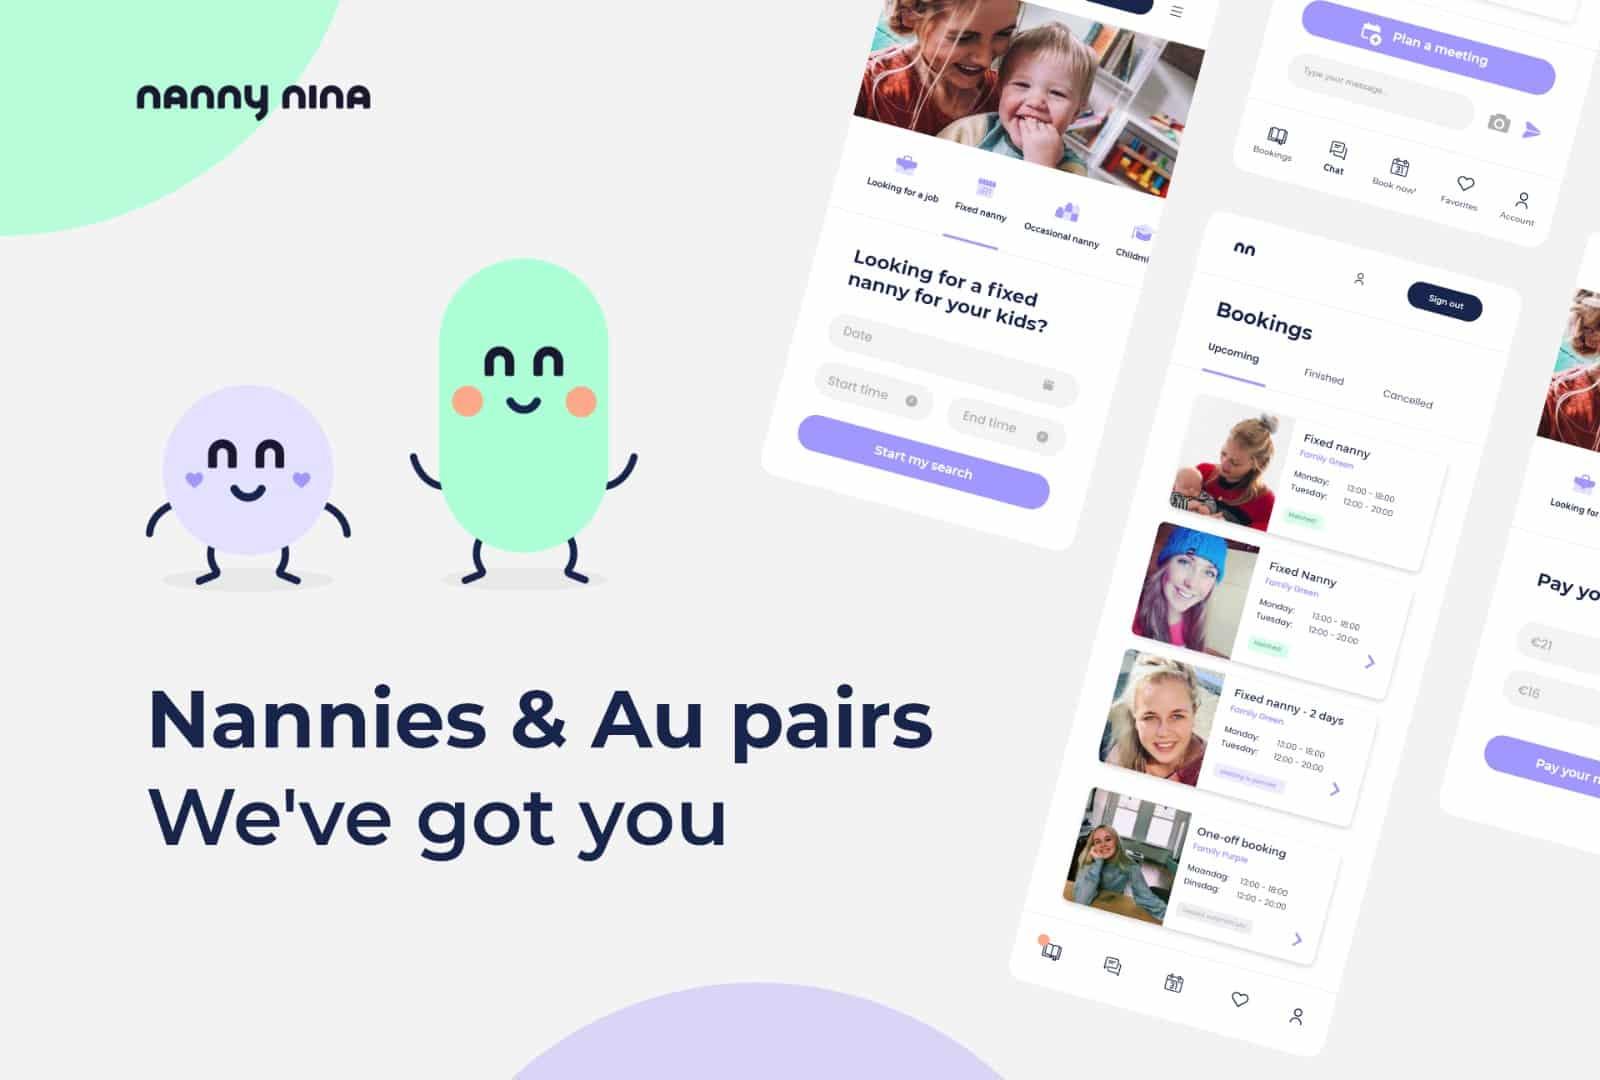 english babysitting app nanny nina